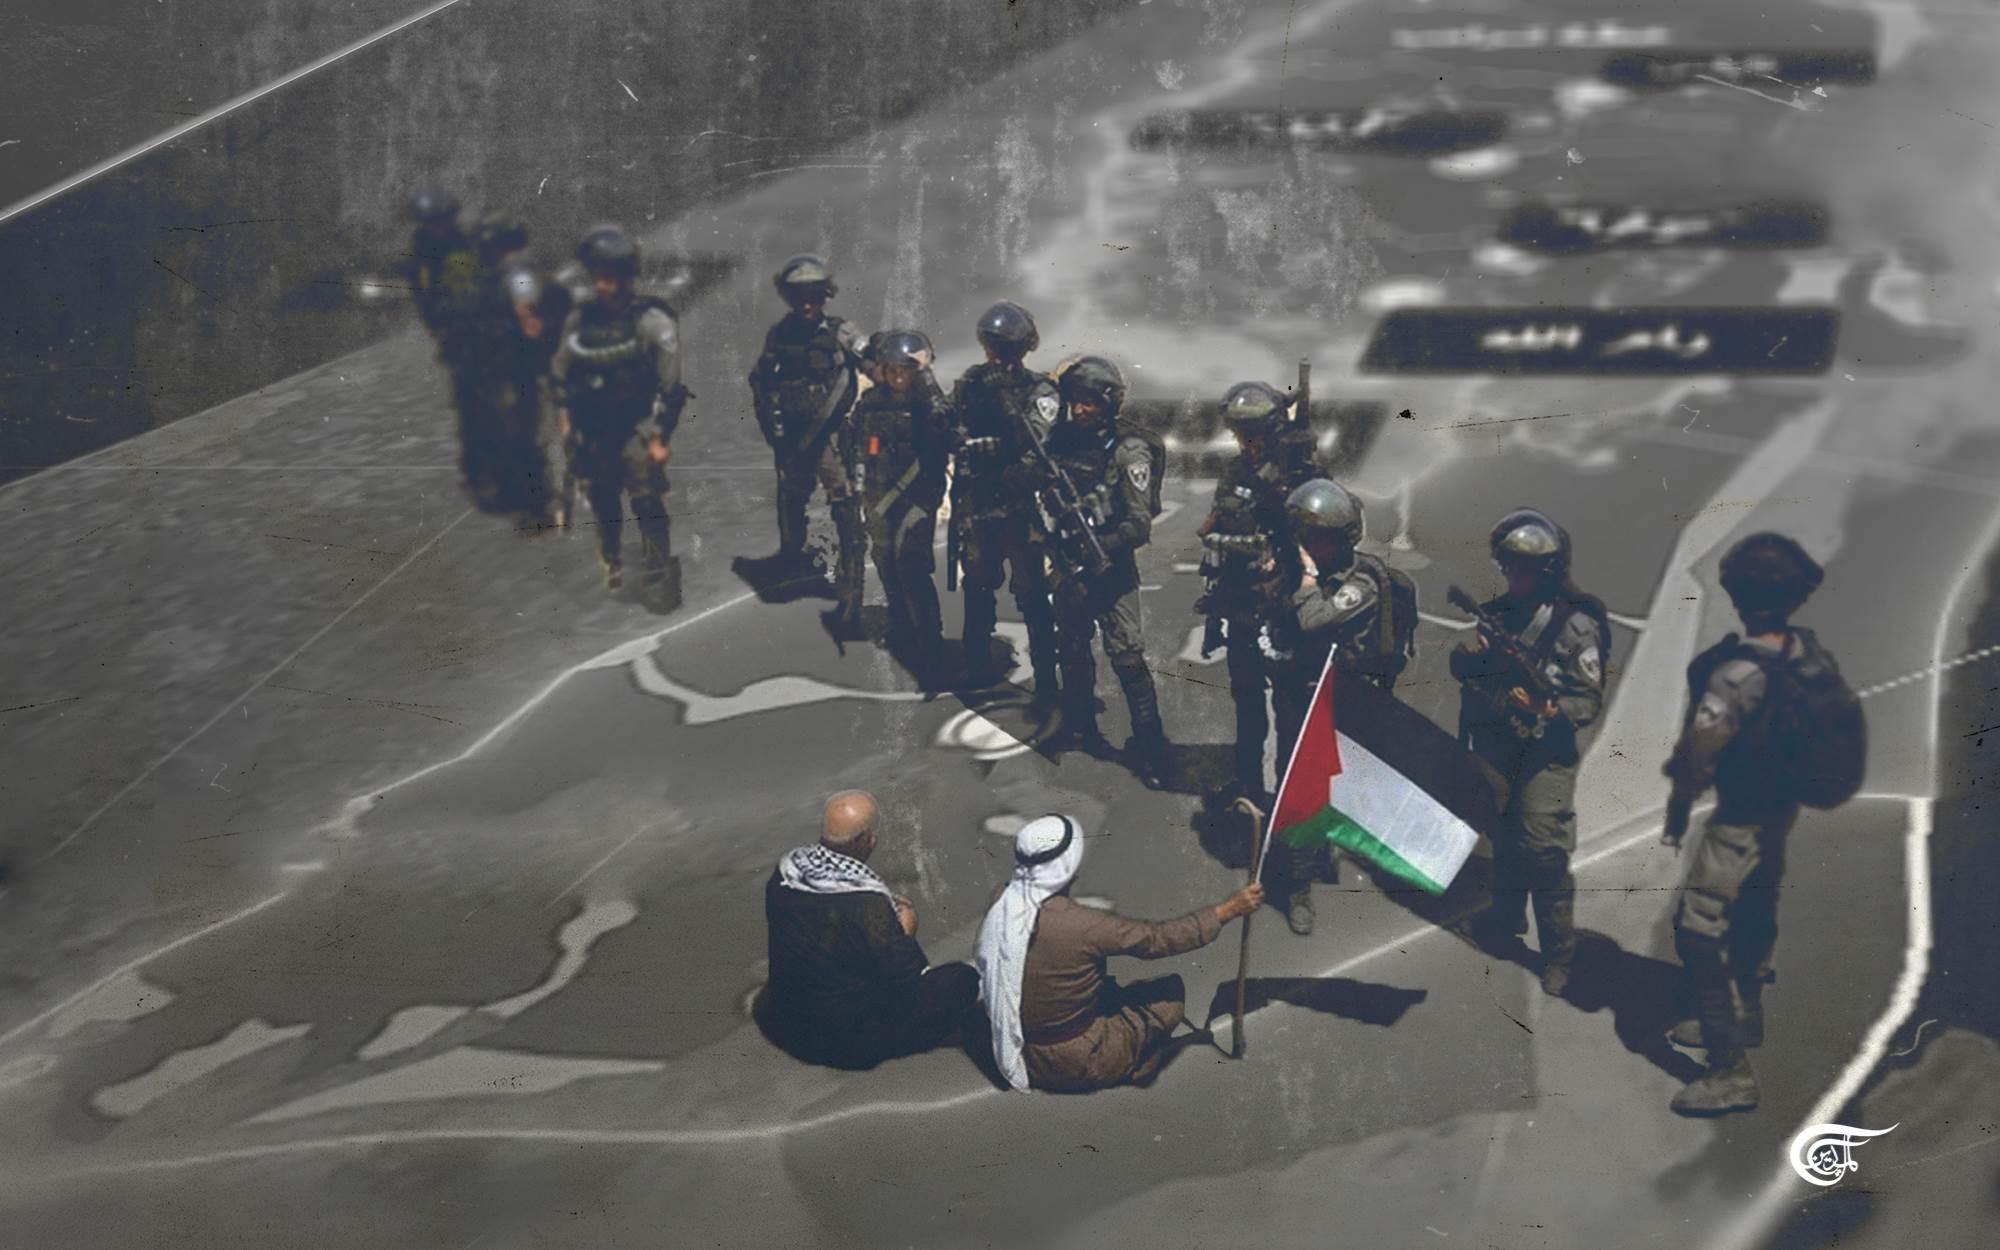 ركّزت الحركة الصهيونية قبل قيام